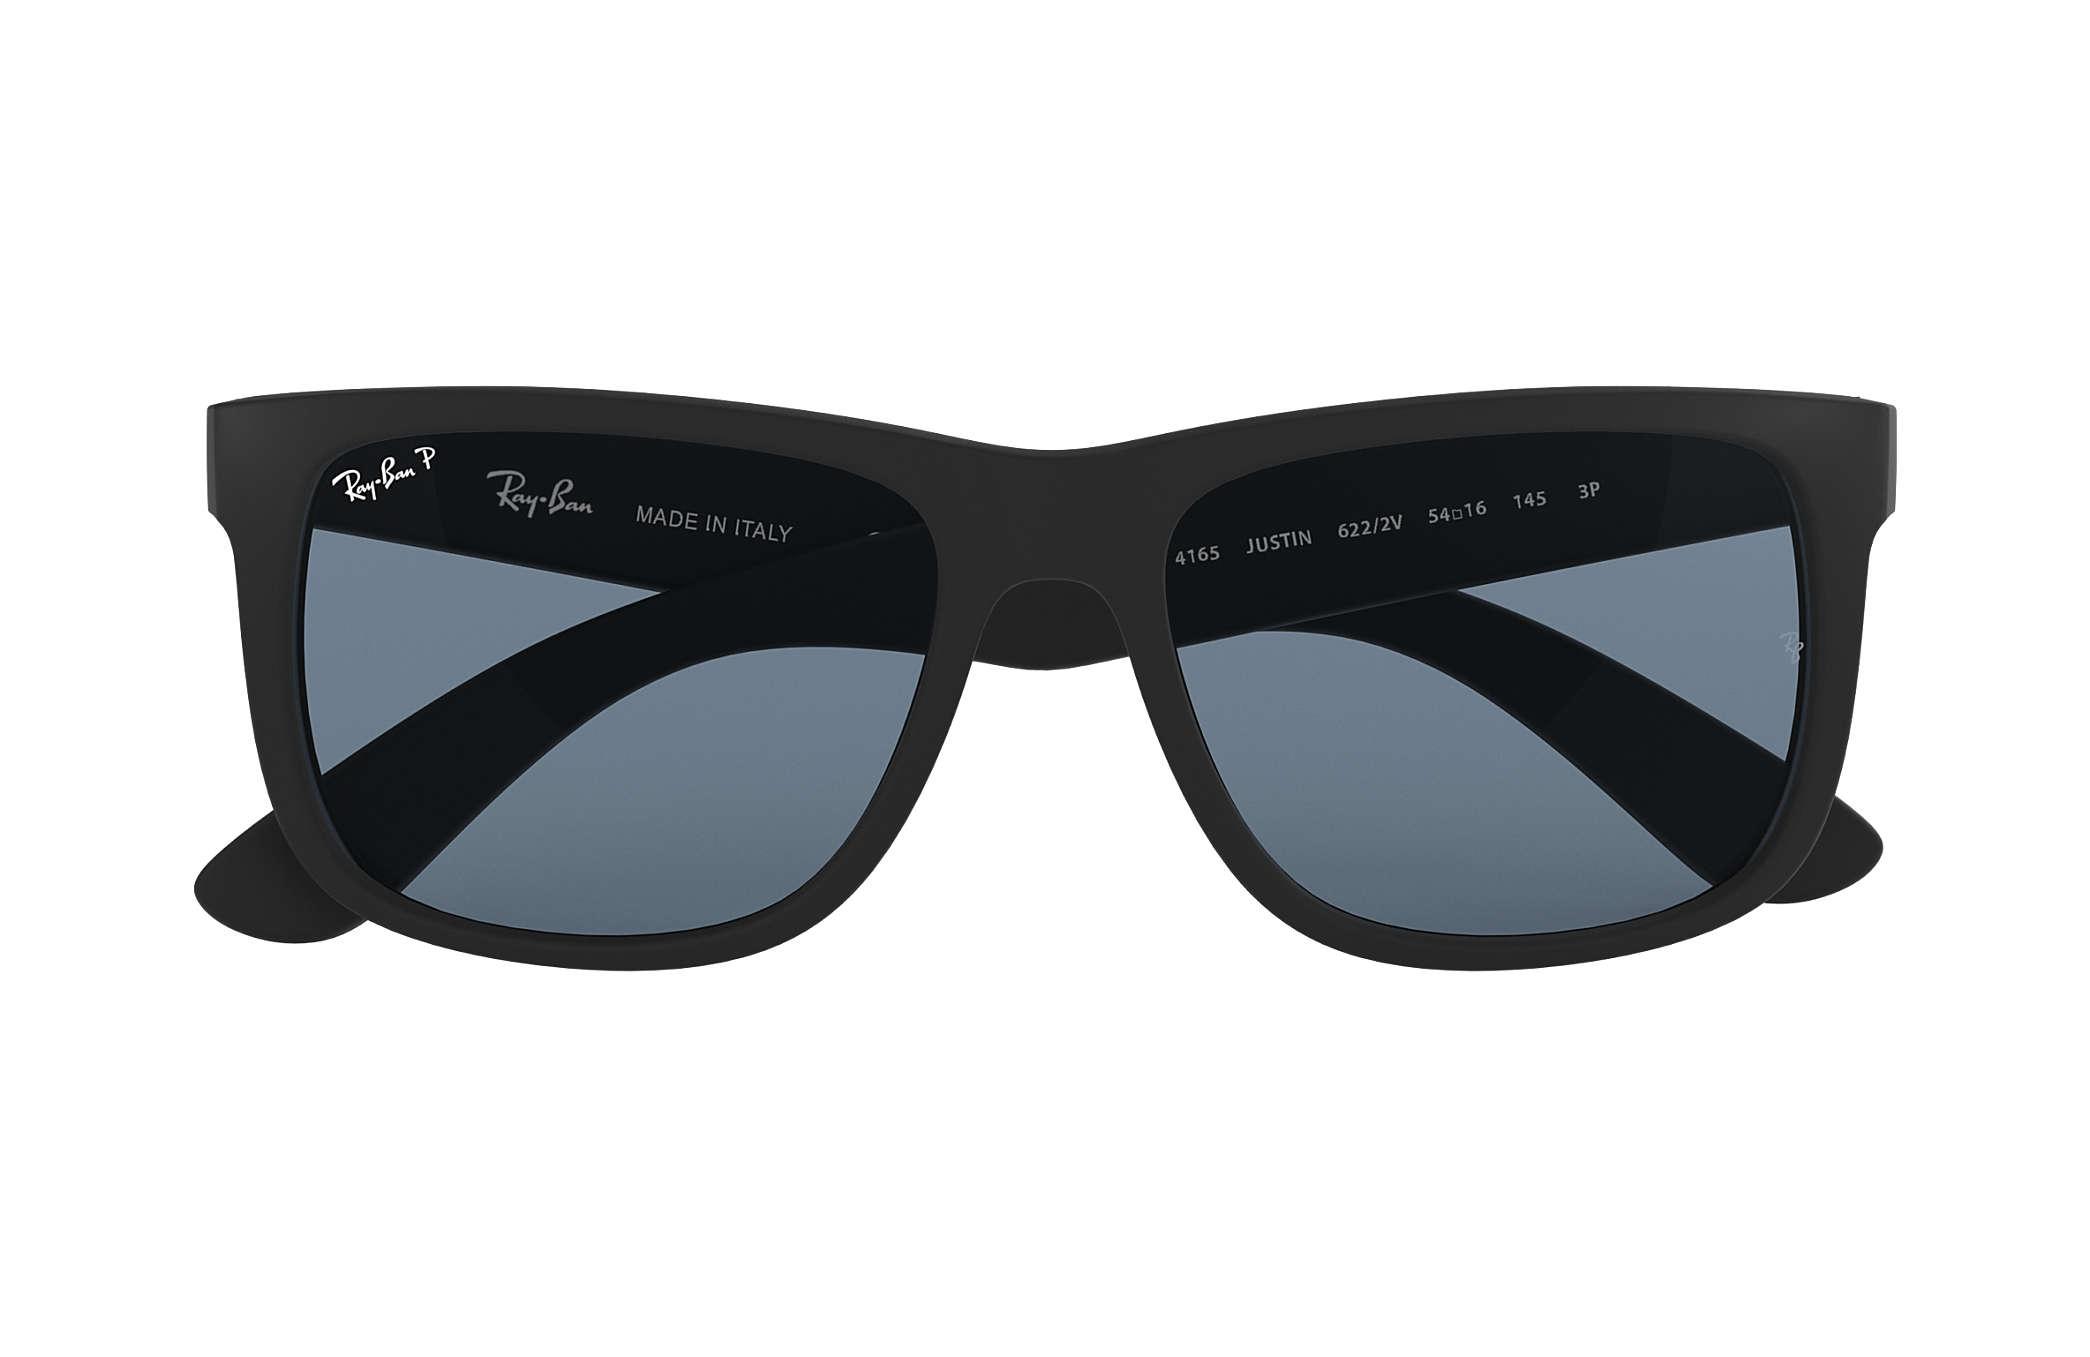 Ray-Ban Justin Classic RB4165 Black - Nylon - Blue Polarized Lenses ... 74cd4d7e981b